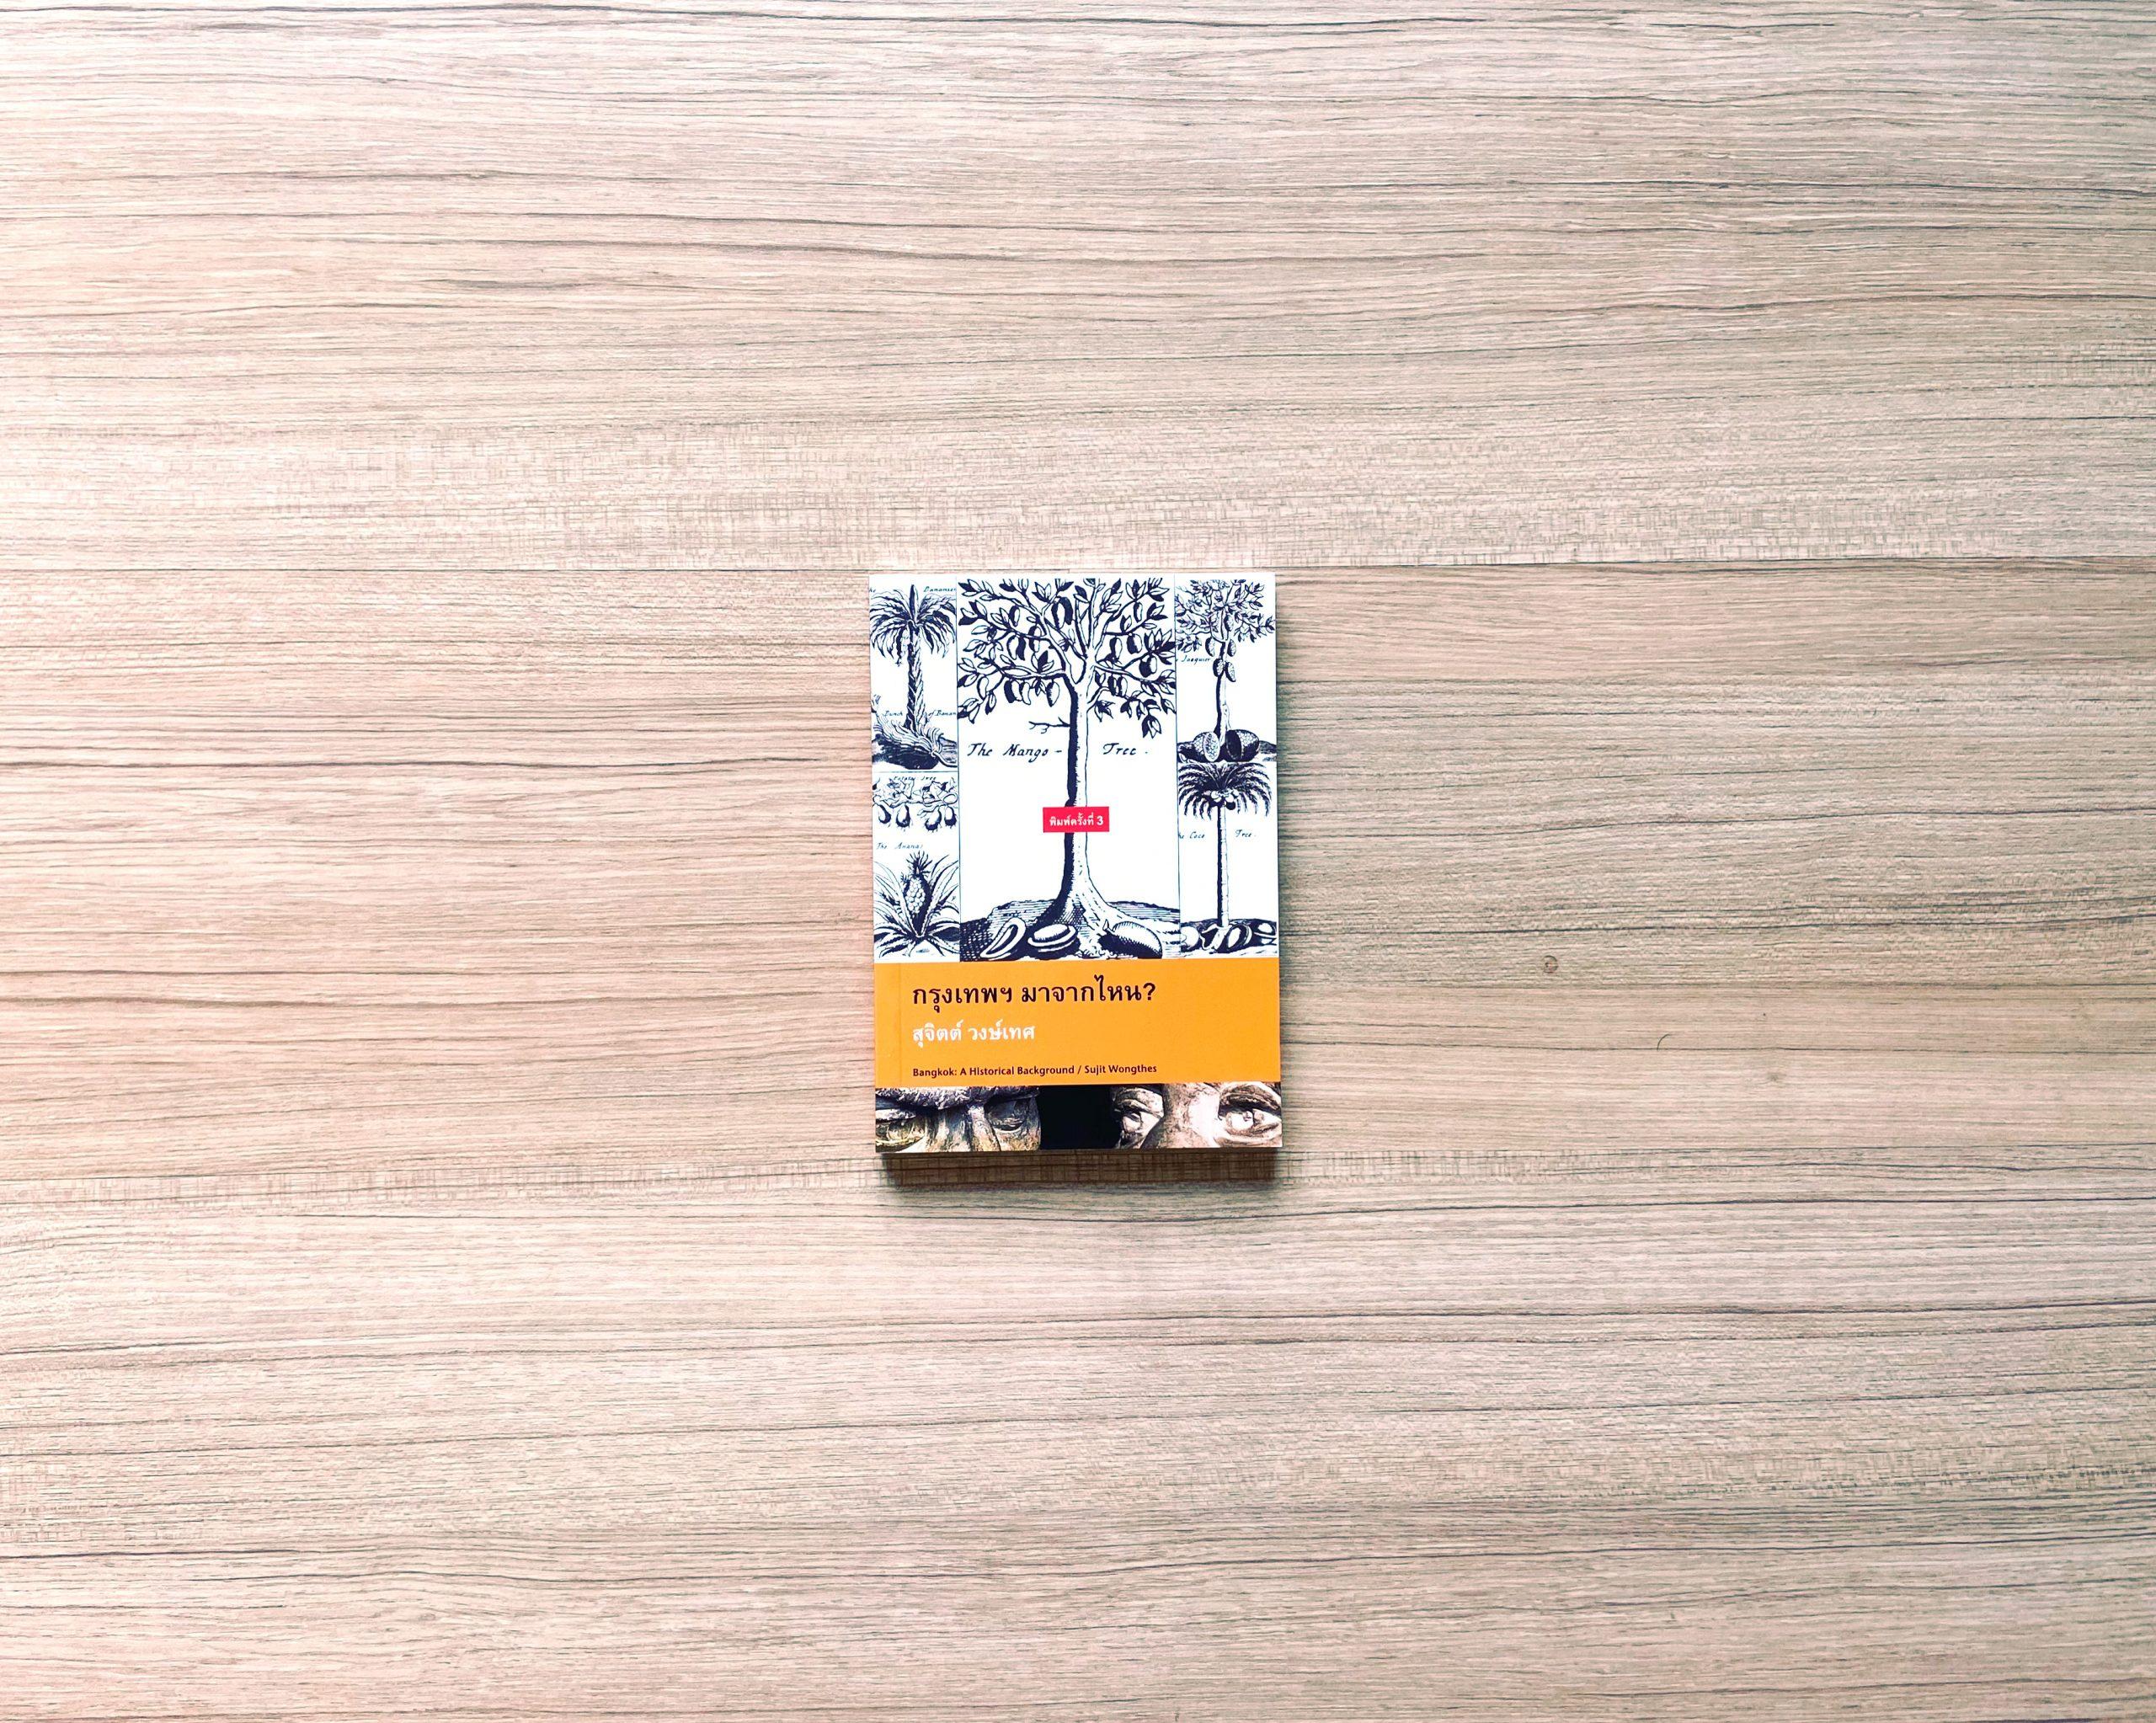 สรุปหนังสือ กรุงเทพฯ มาจากไหน? สุจิตต์ วงษ์เทศ Bangkok: A Historical Background